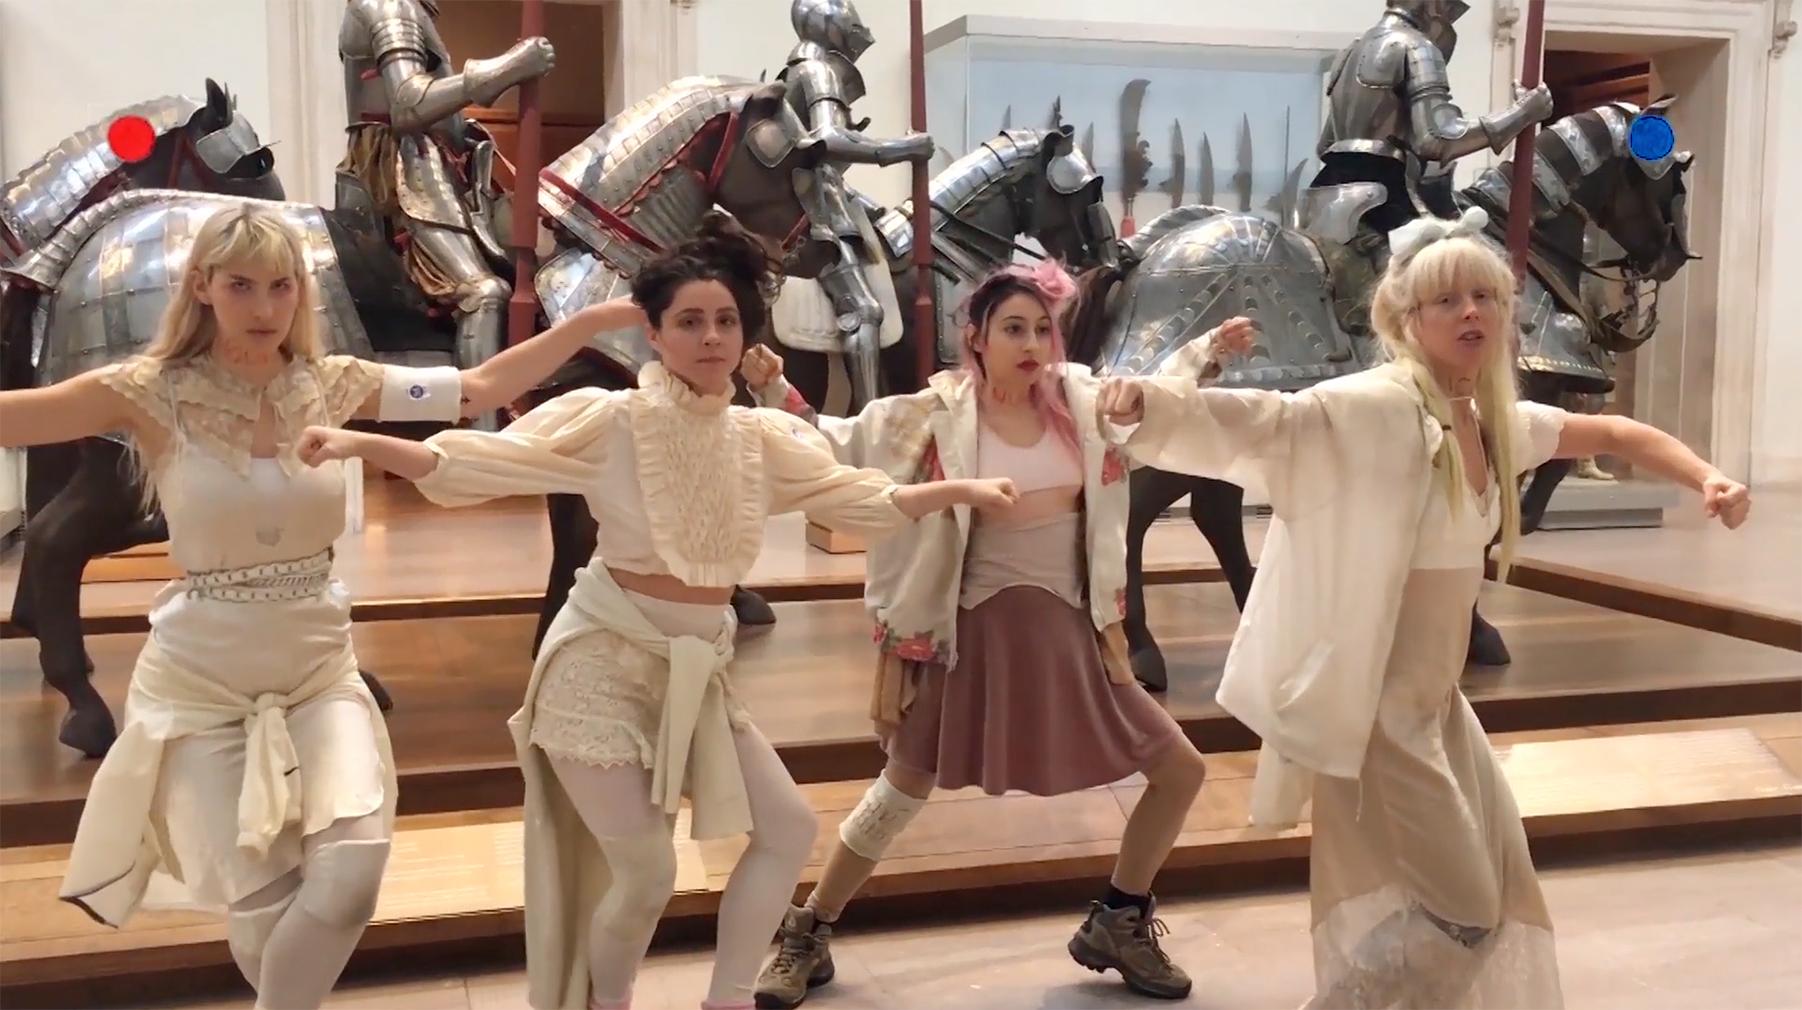 Daughters music video inside The Met